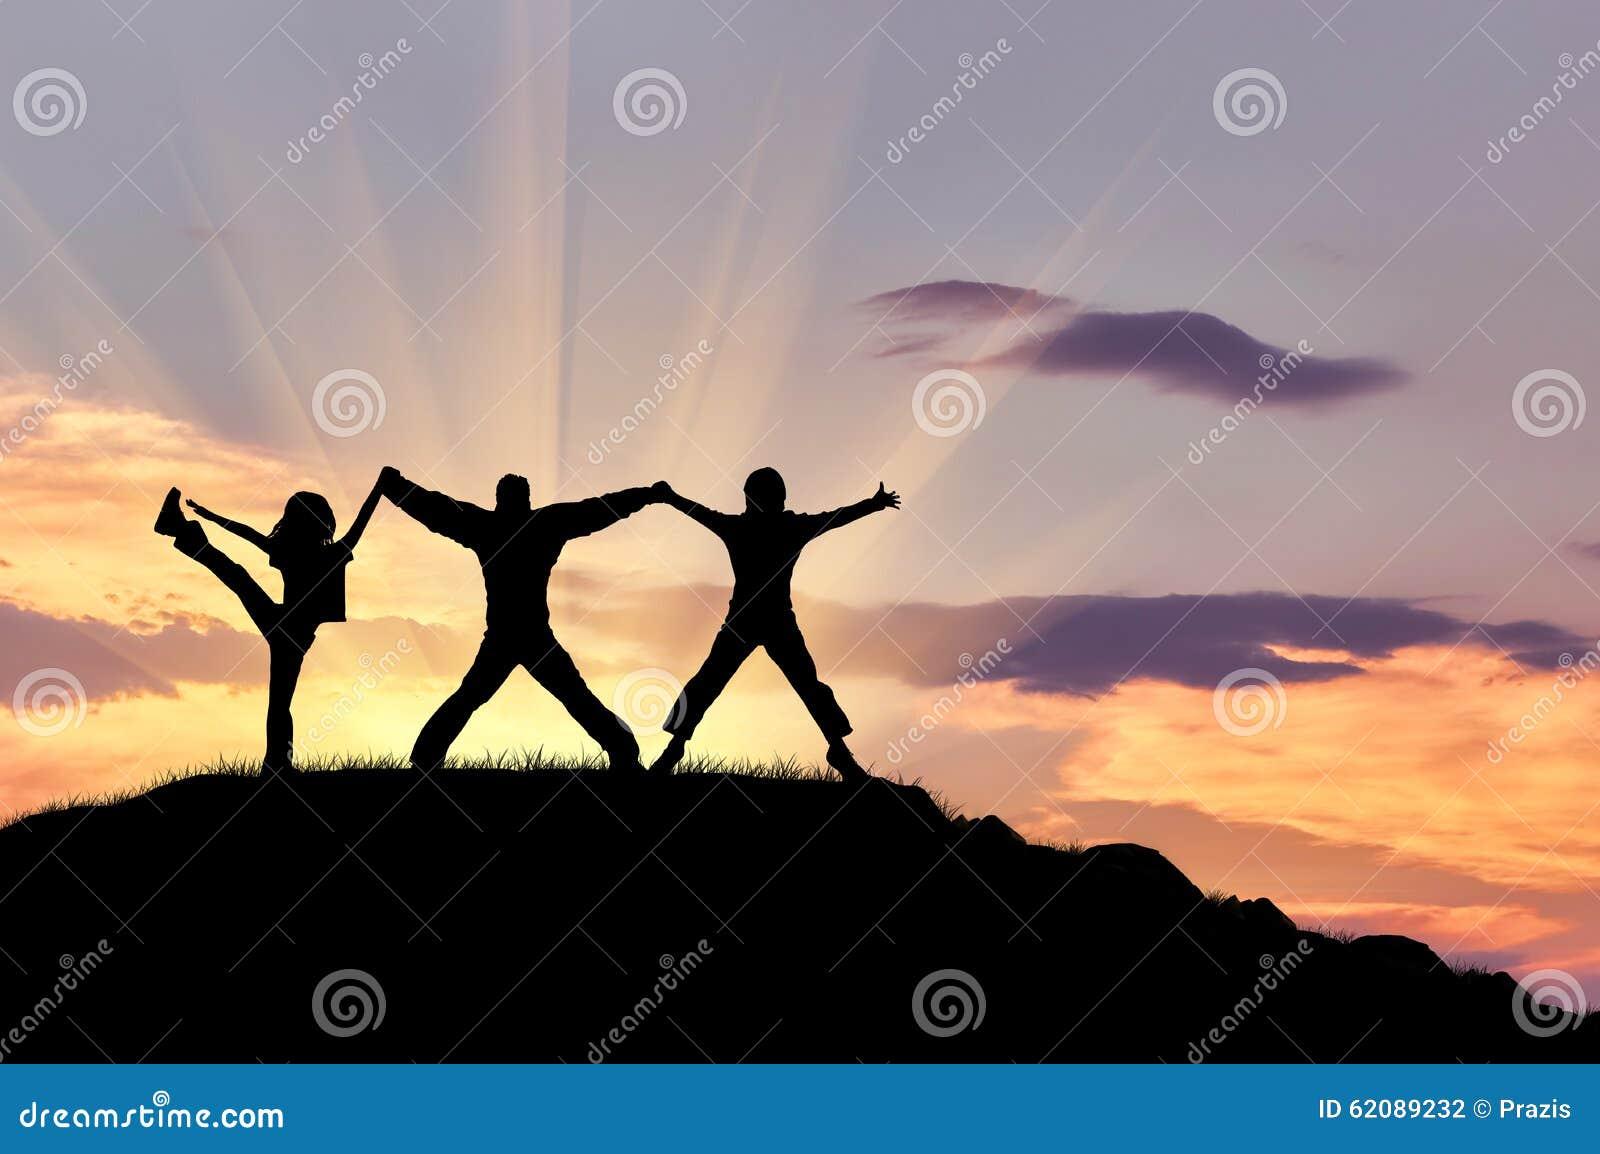 Silueta de tres personas felices